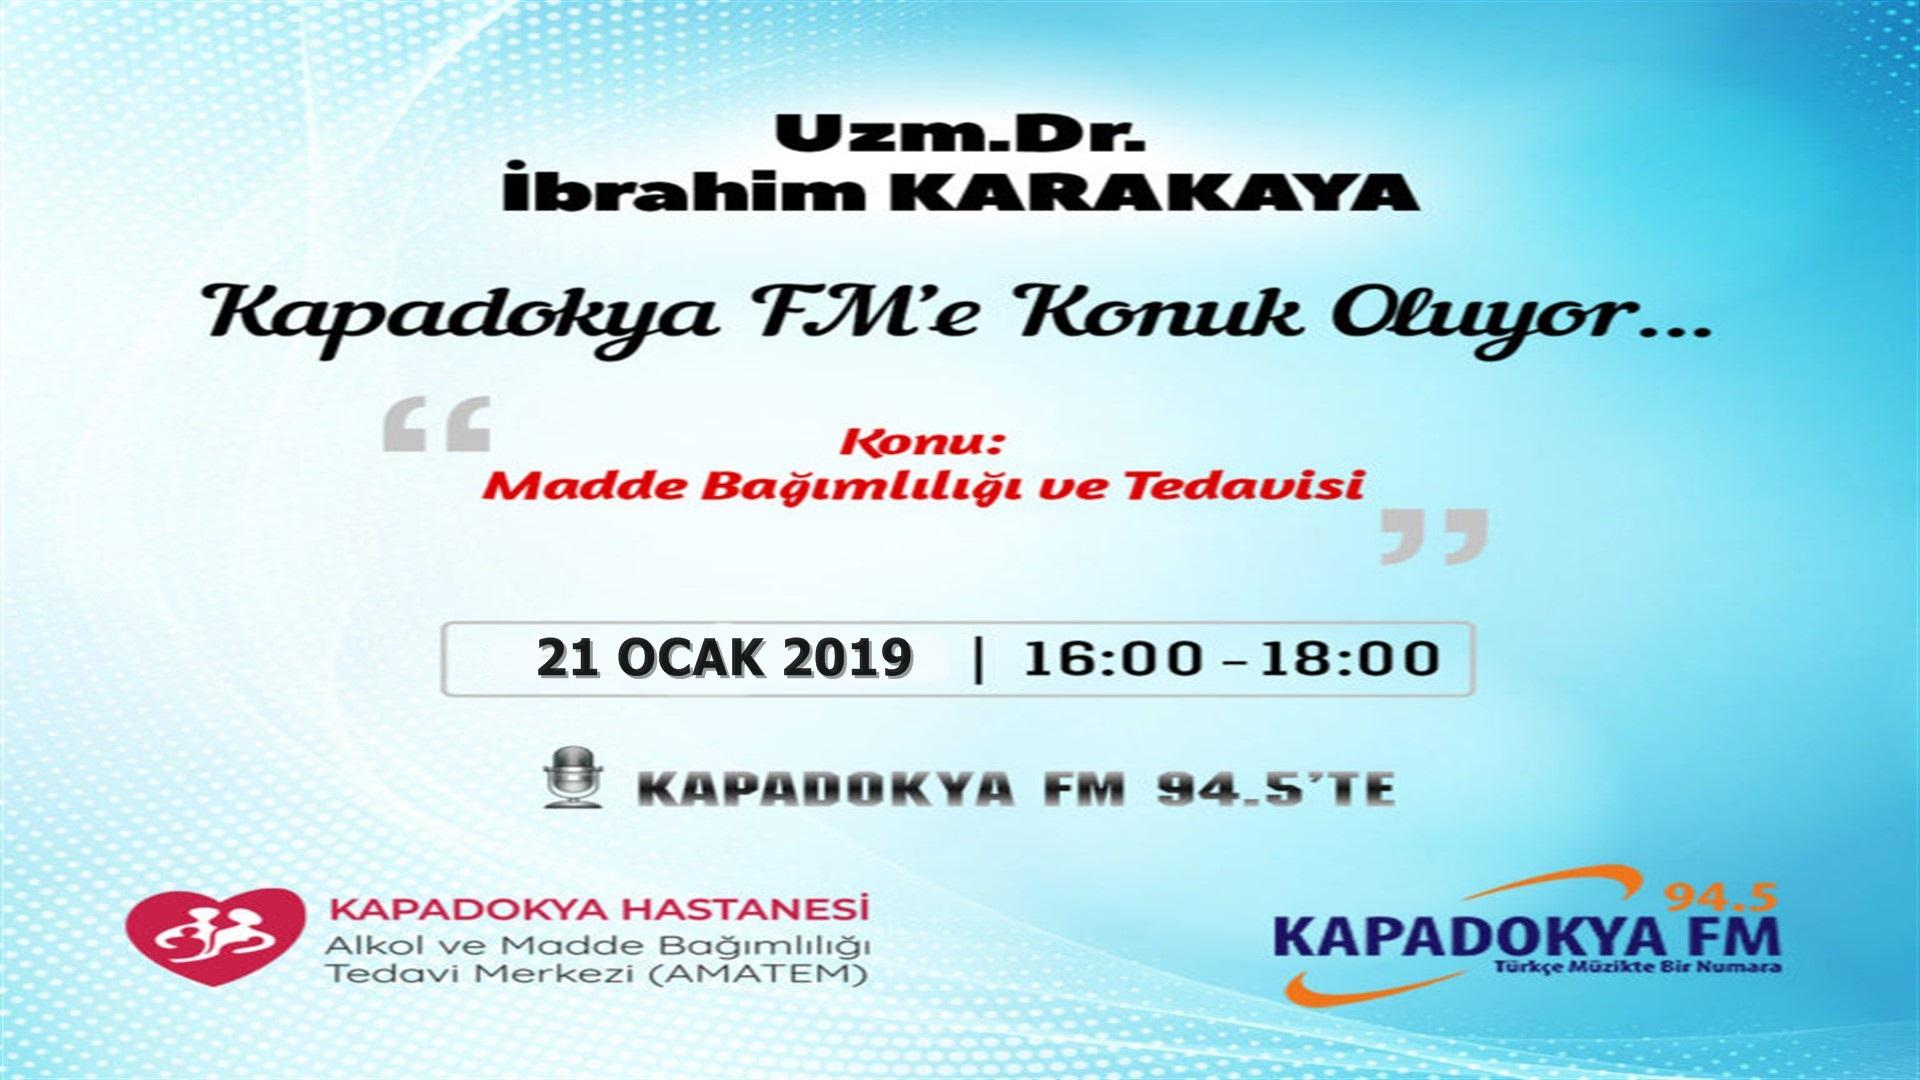 Uzm. Dr. İbrahim Karakaya Kapadokya Fm'de bağımlılık ve tedavisi hakkında konuşacak.